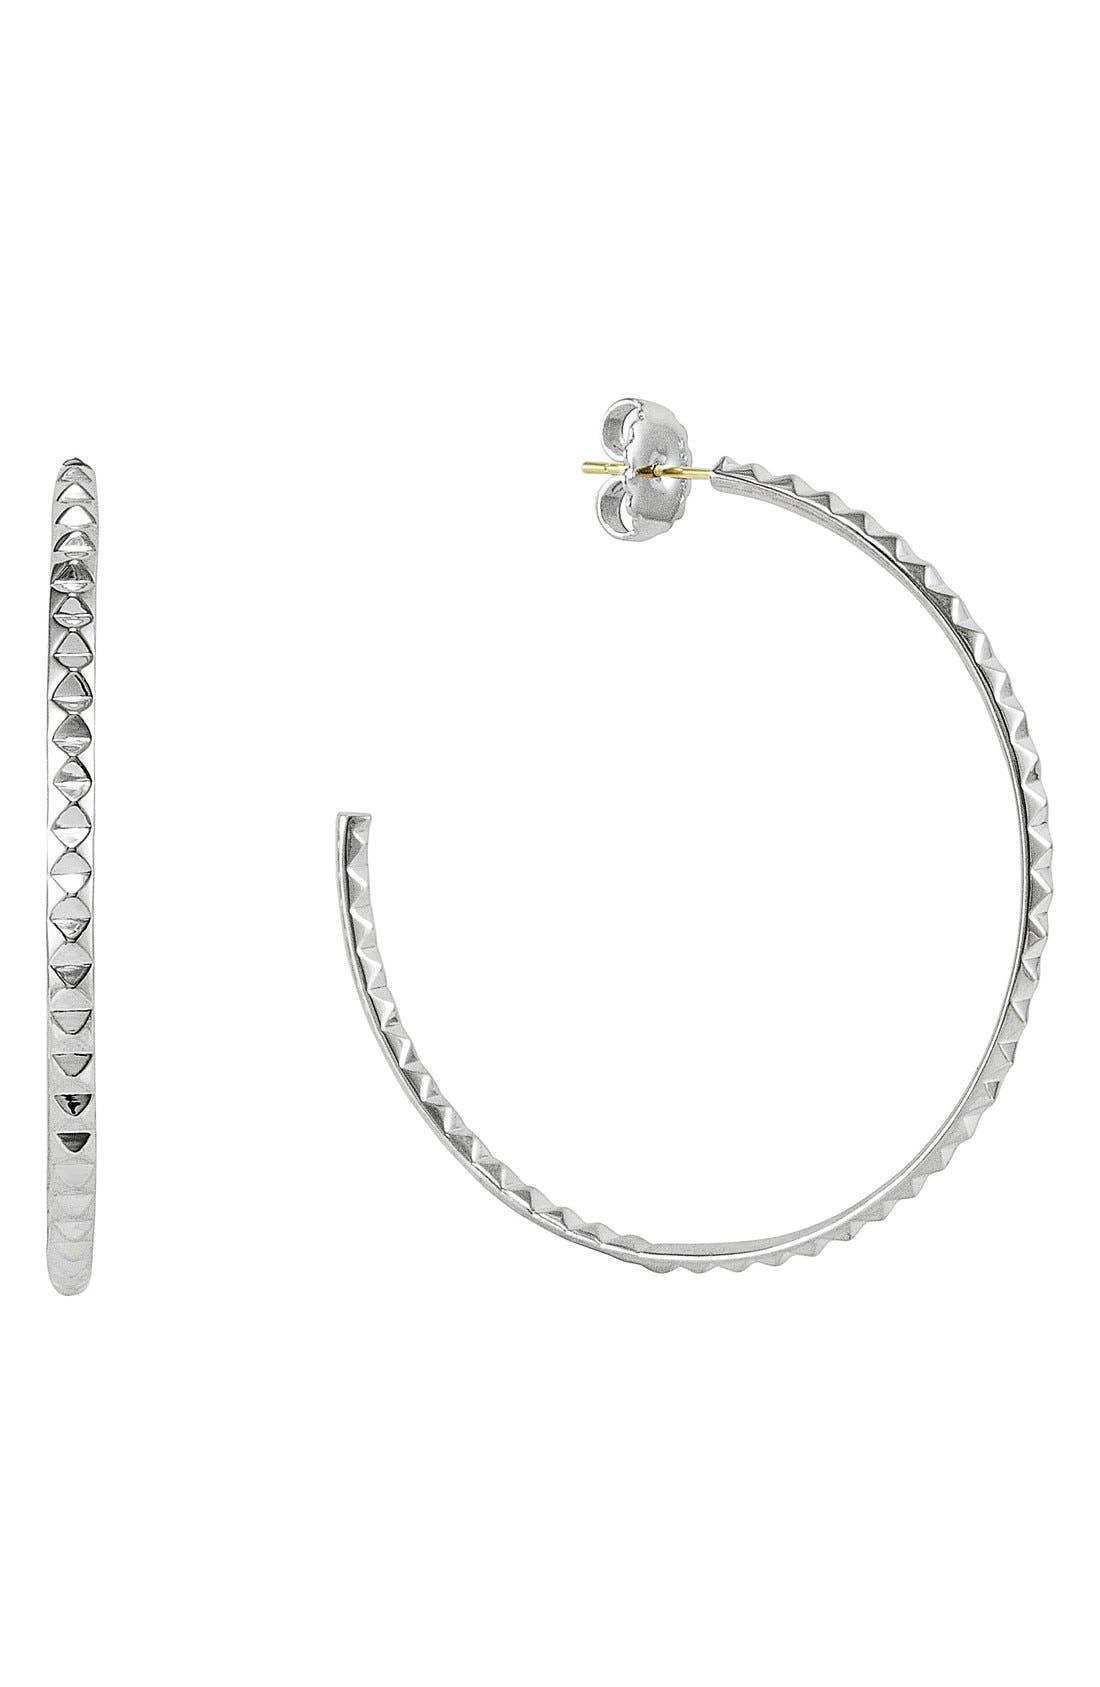 Alternate Image 1 Selected - LAGOS 'Sugarloaf' Hoop Earrings